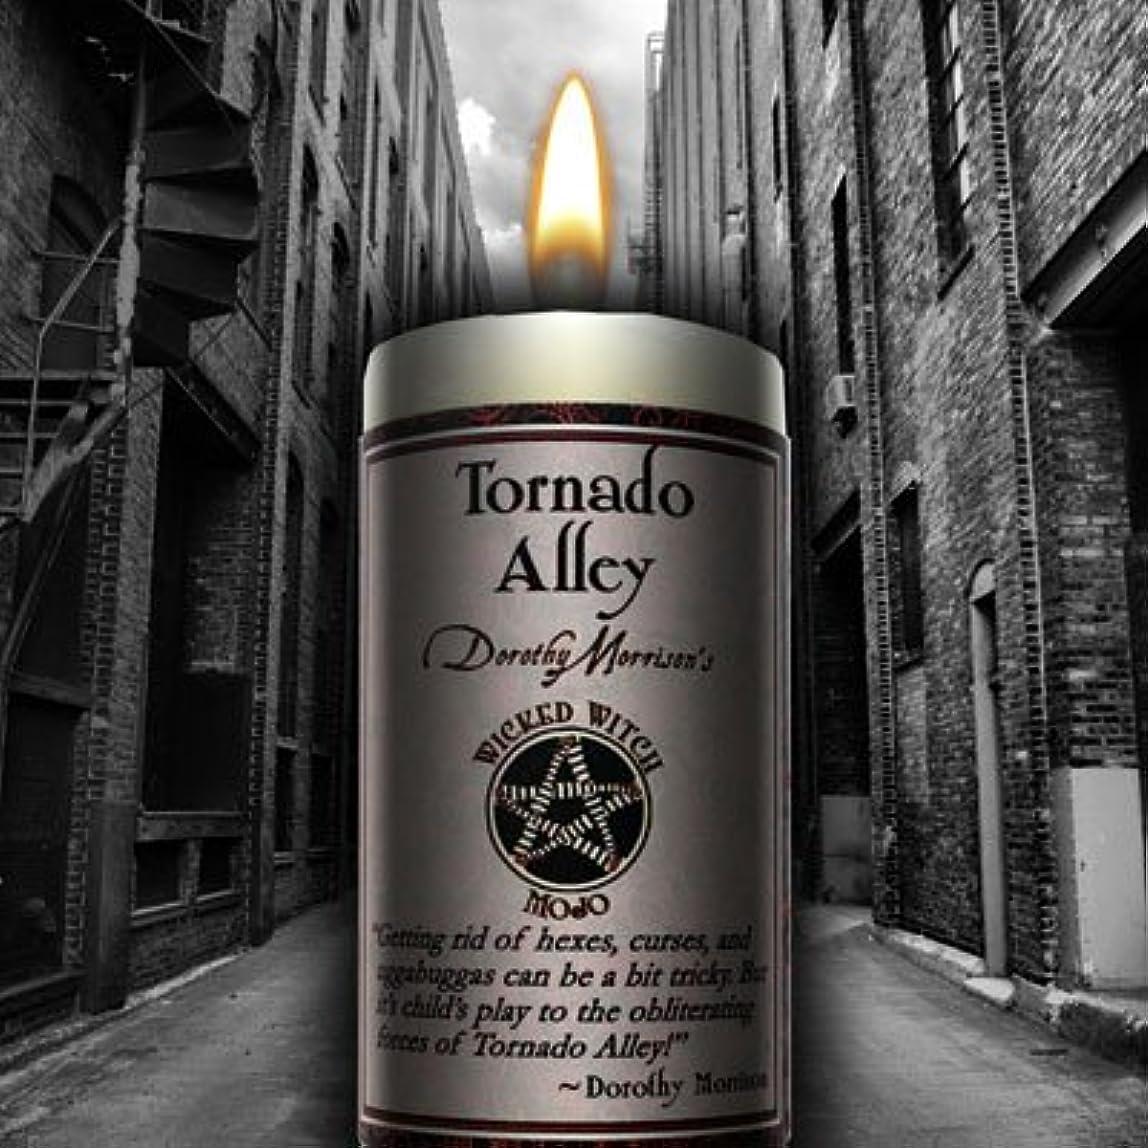 棚非行社会主義者Wicked Witch Mojo Tornado Alley Candle by Dorothy Morrison